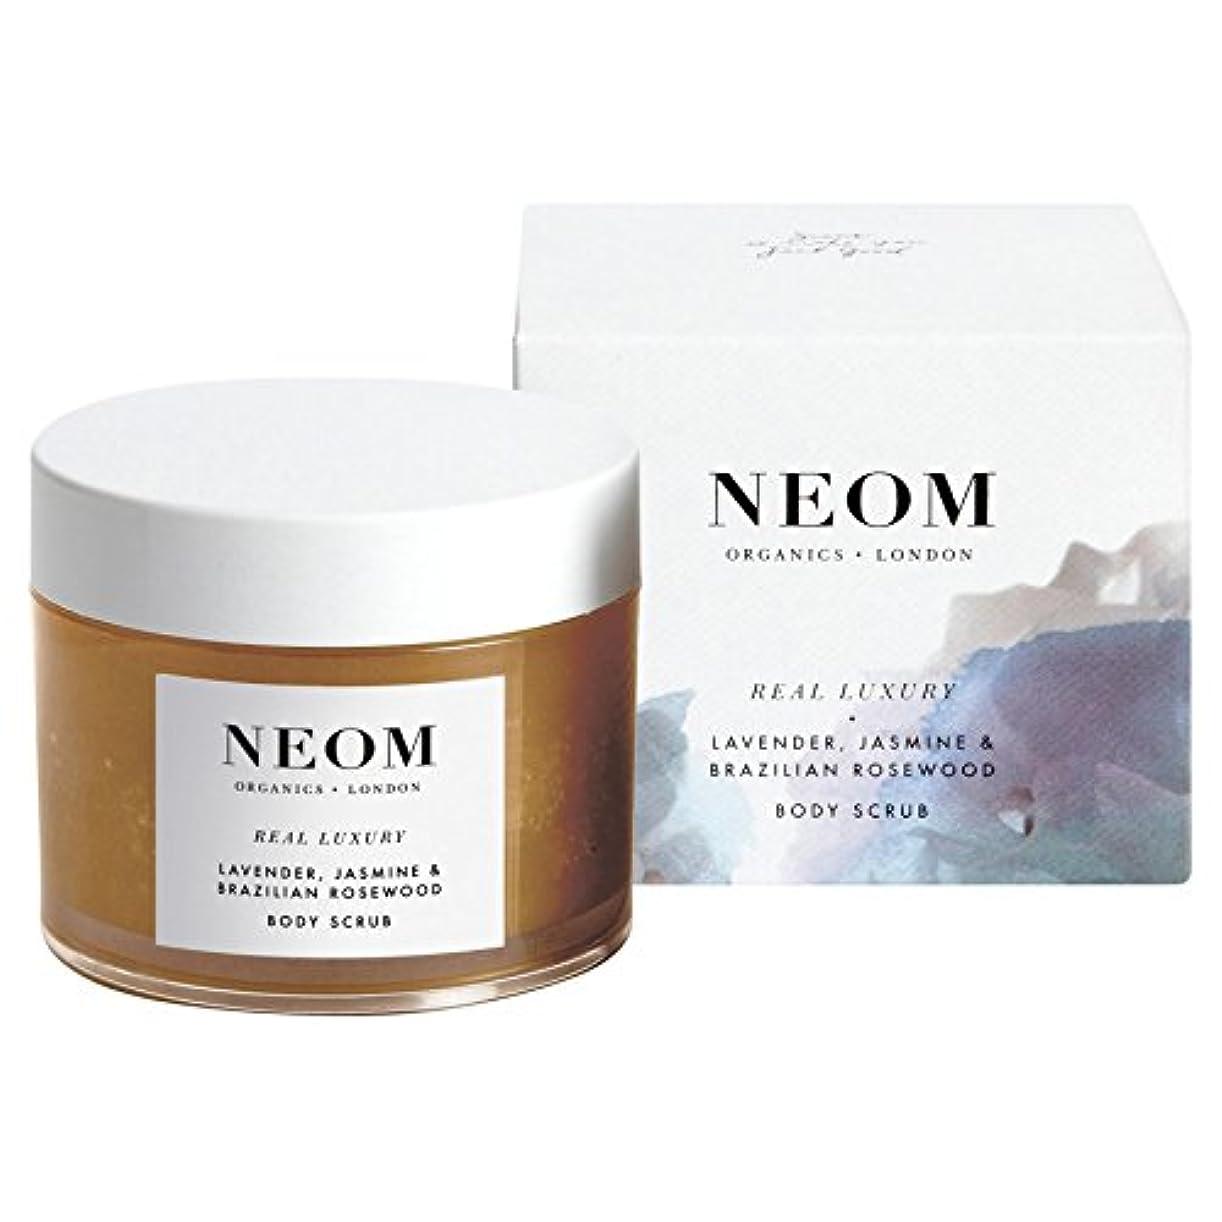 振る舞い例高齢者[Neom] Neom本当の贅沢なボディスクラブ332グラム - Neom Real Luxury Body Scrub 332g [並行輸入品]